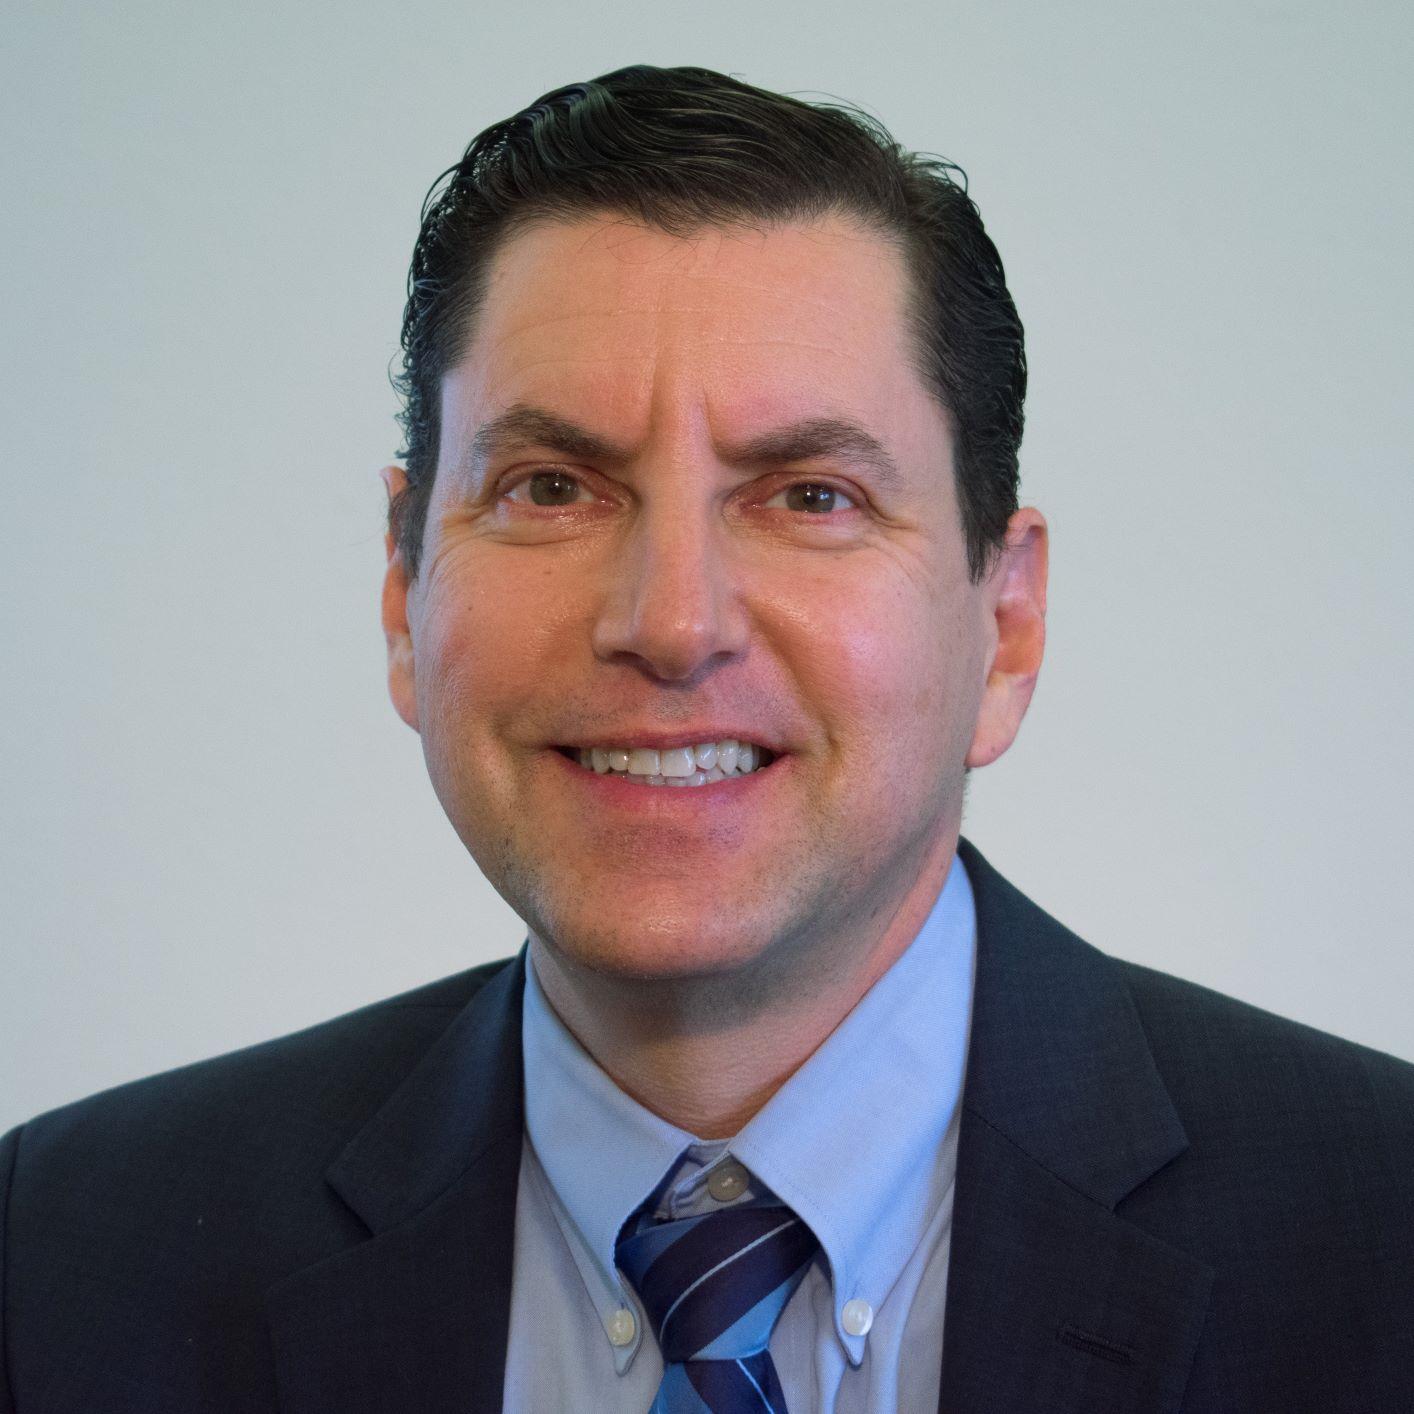 David Medway, MD